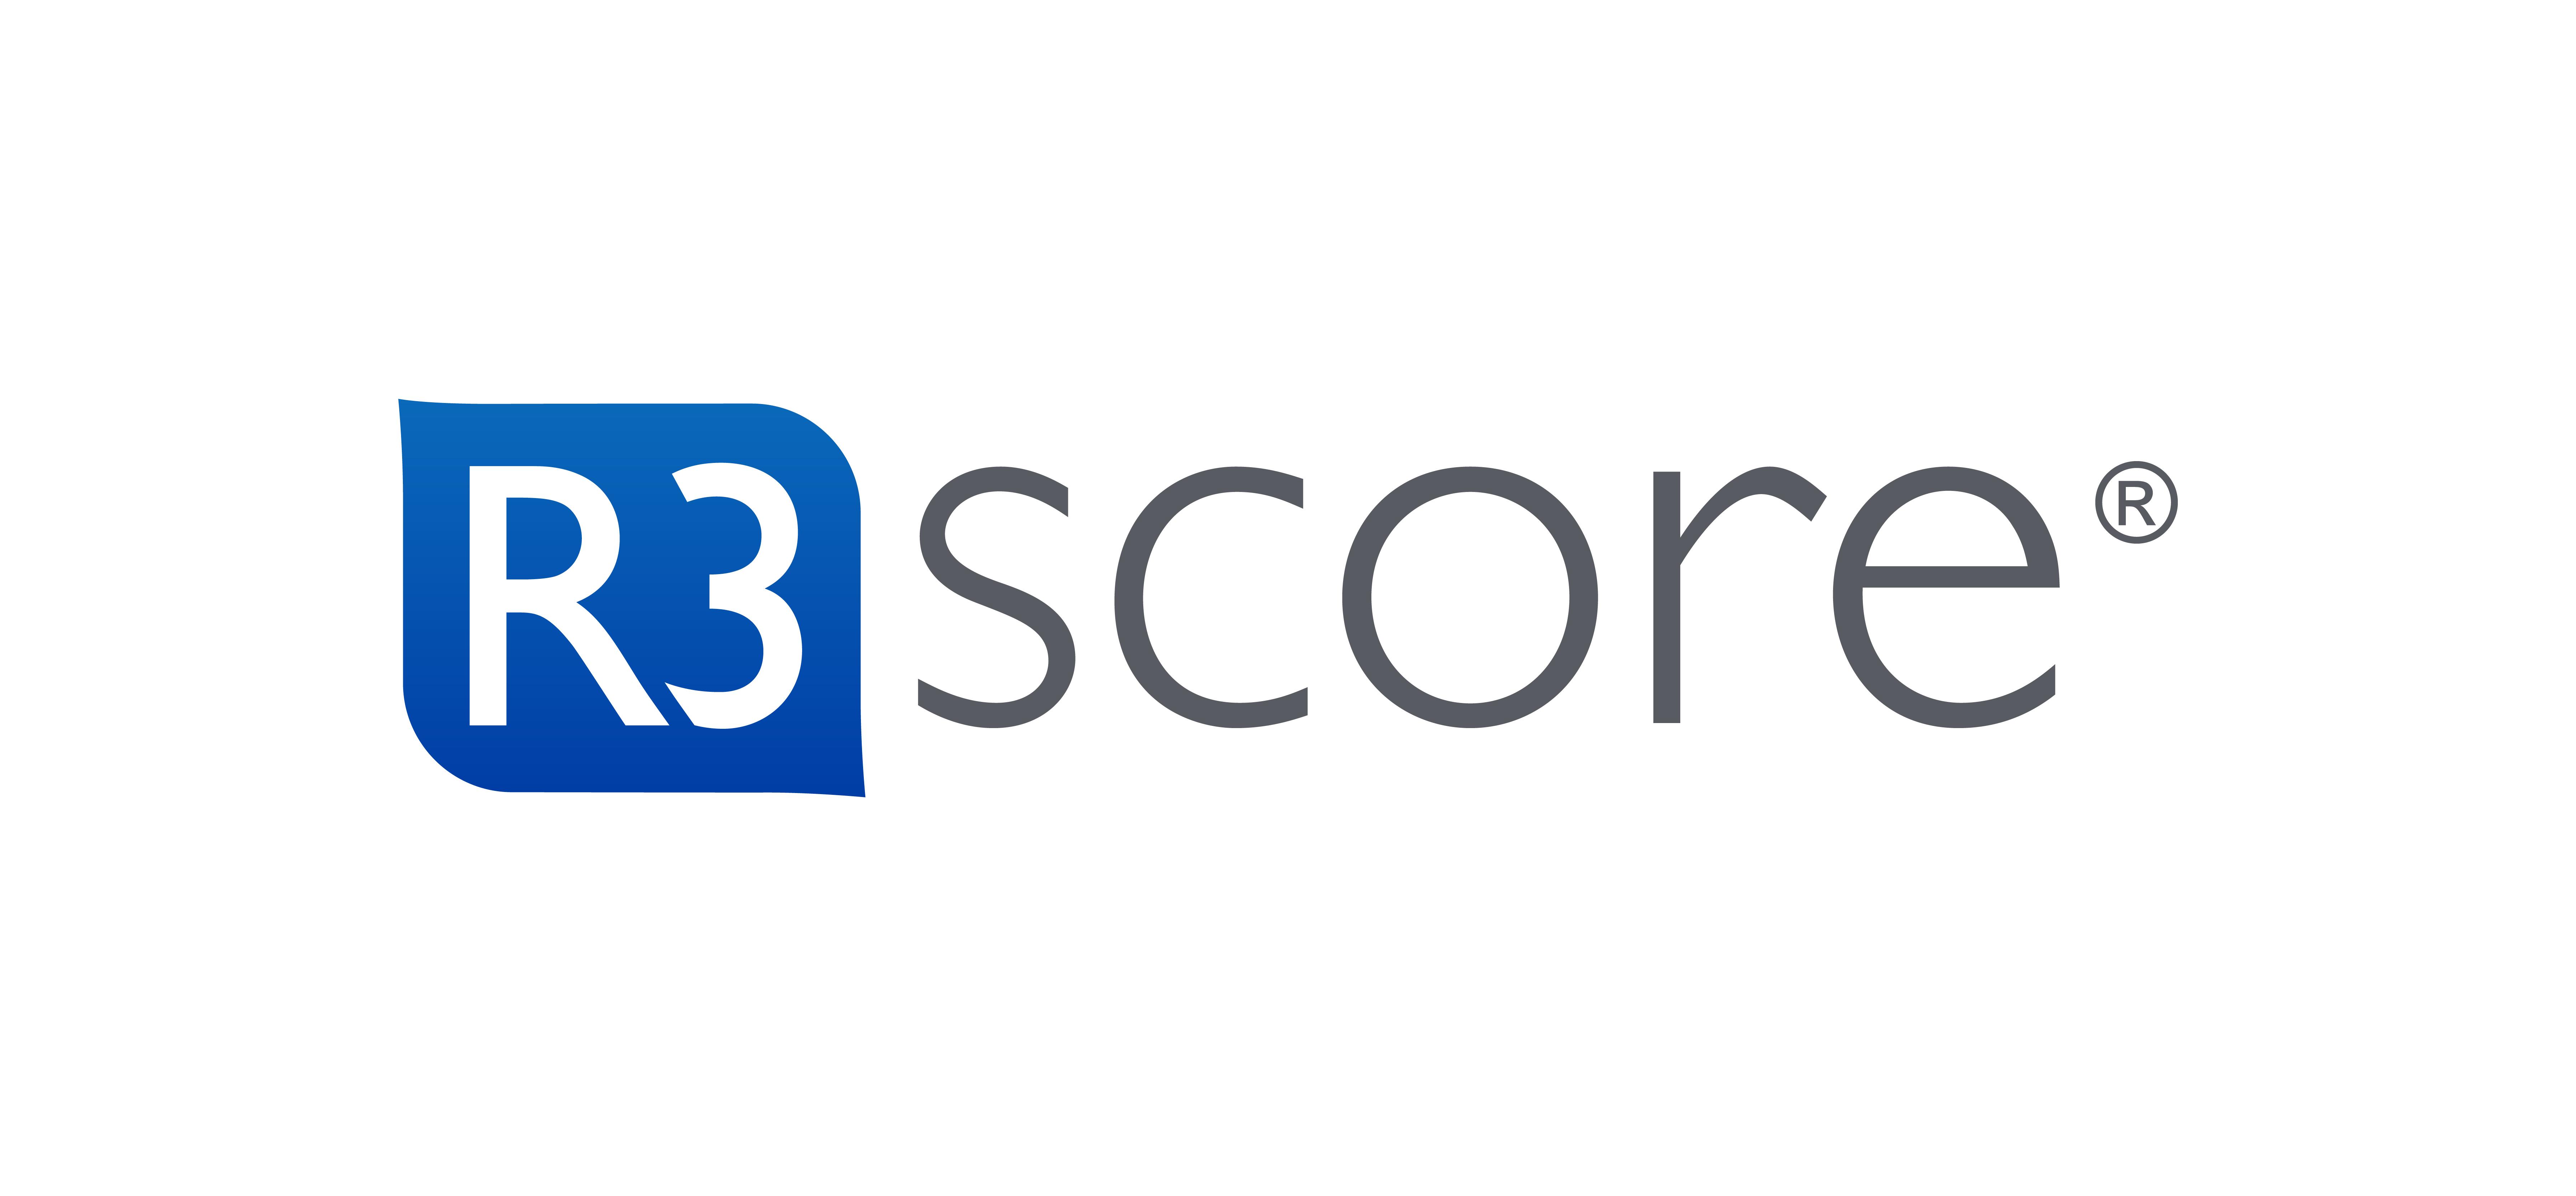 R3 SCORE